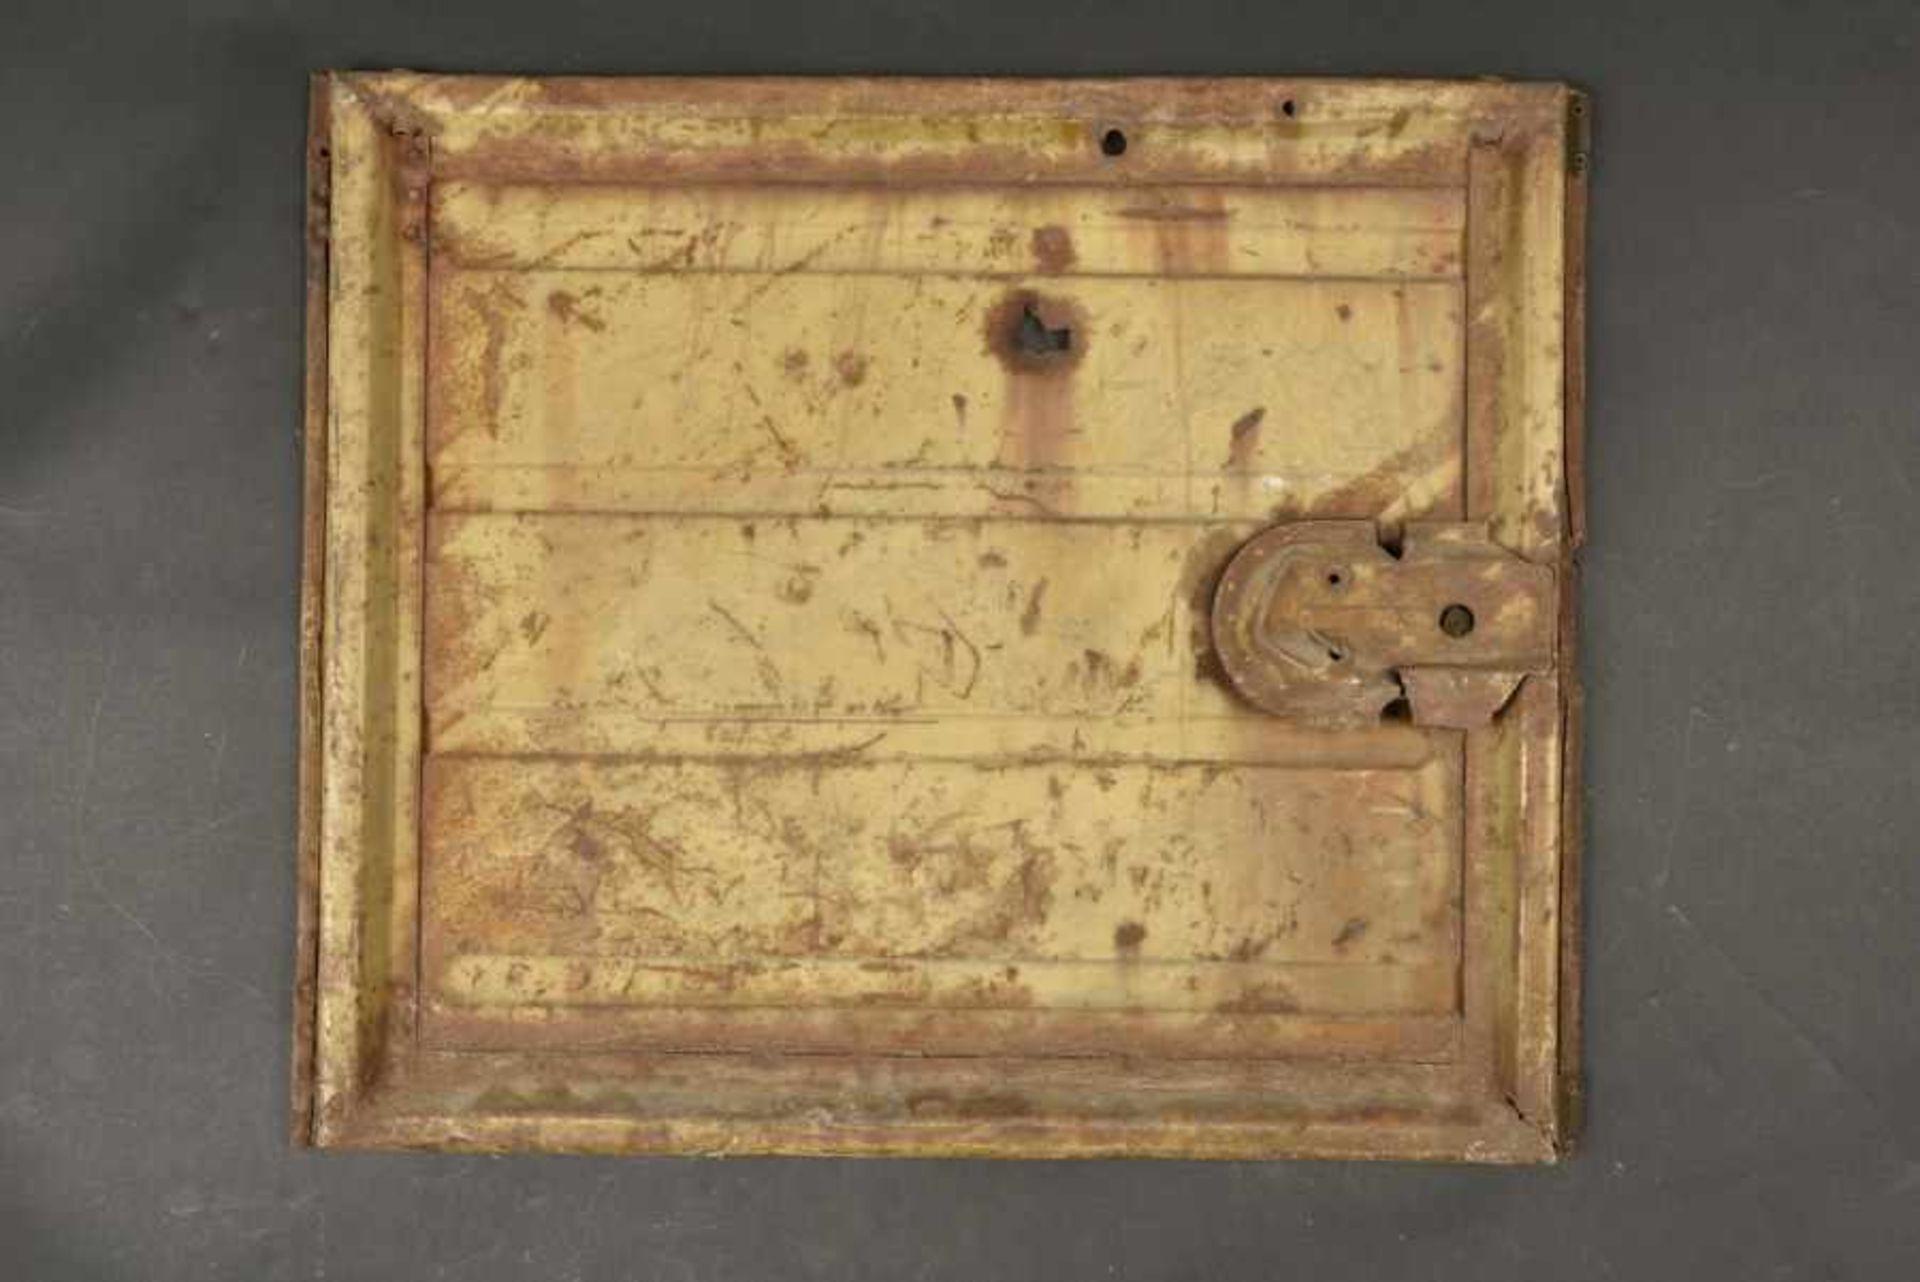 Portière de Kubelwagen camouflé avec des impacts, provenant de Bayeux. Camouflaged Kubelwagen door - Bild 3 aus 4